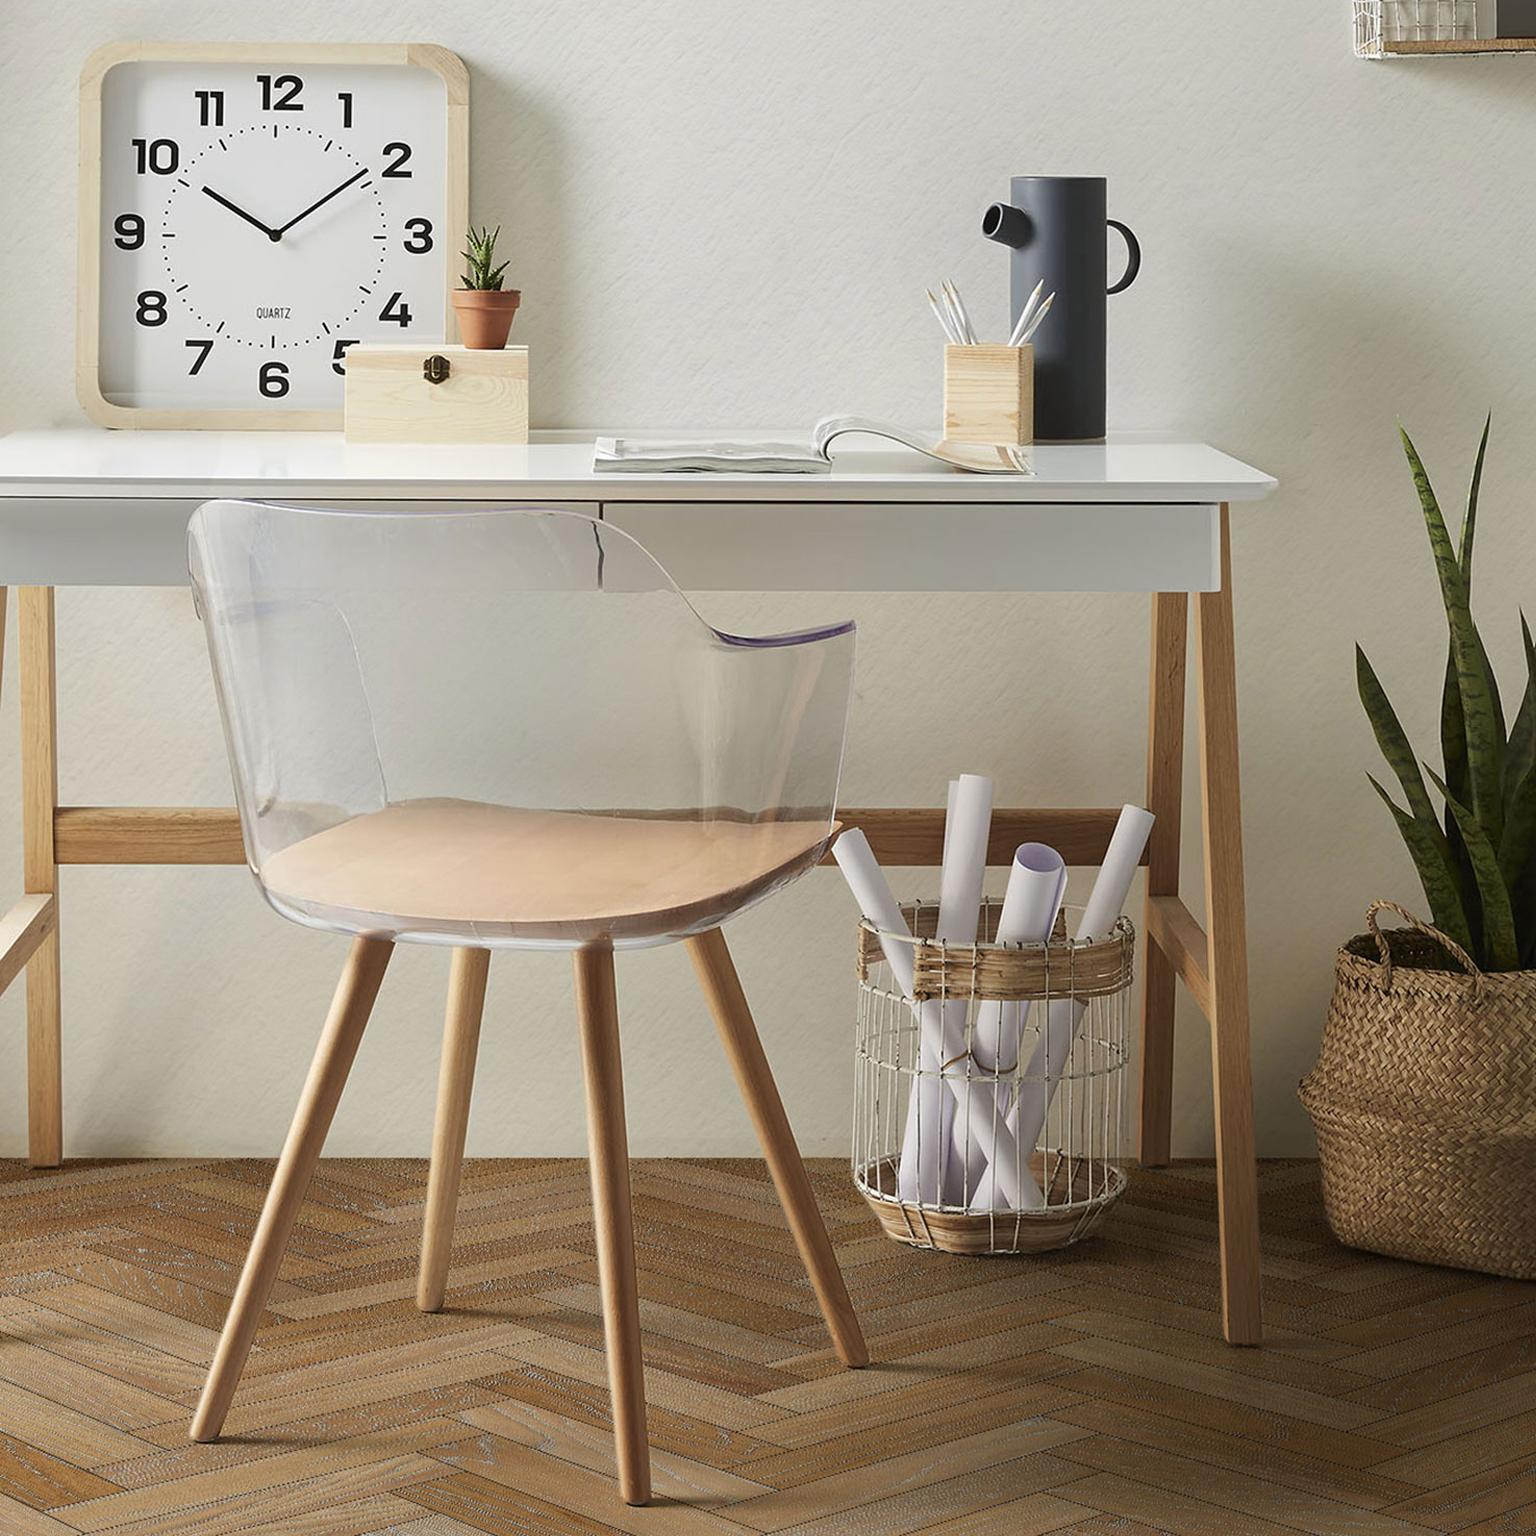 Kave Home Eetkamerstoel 'Bjorg', kleur Transparant